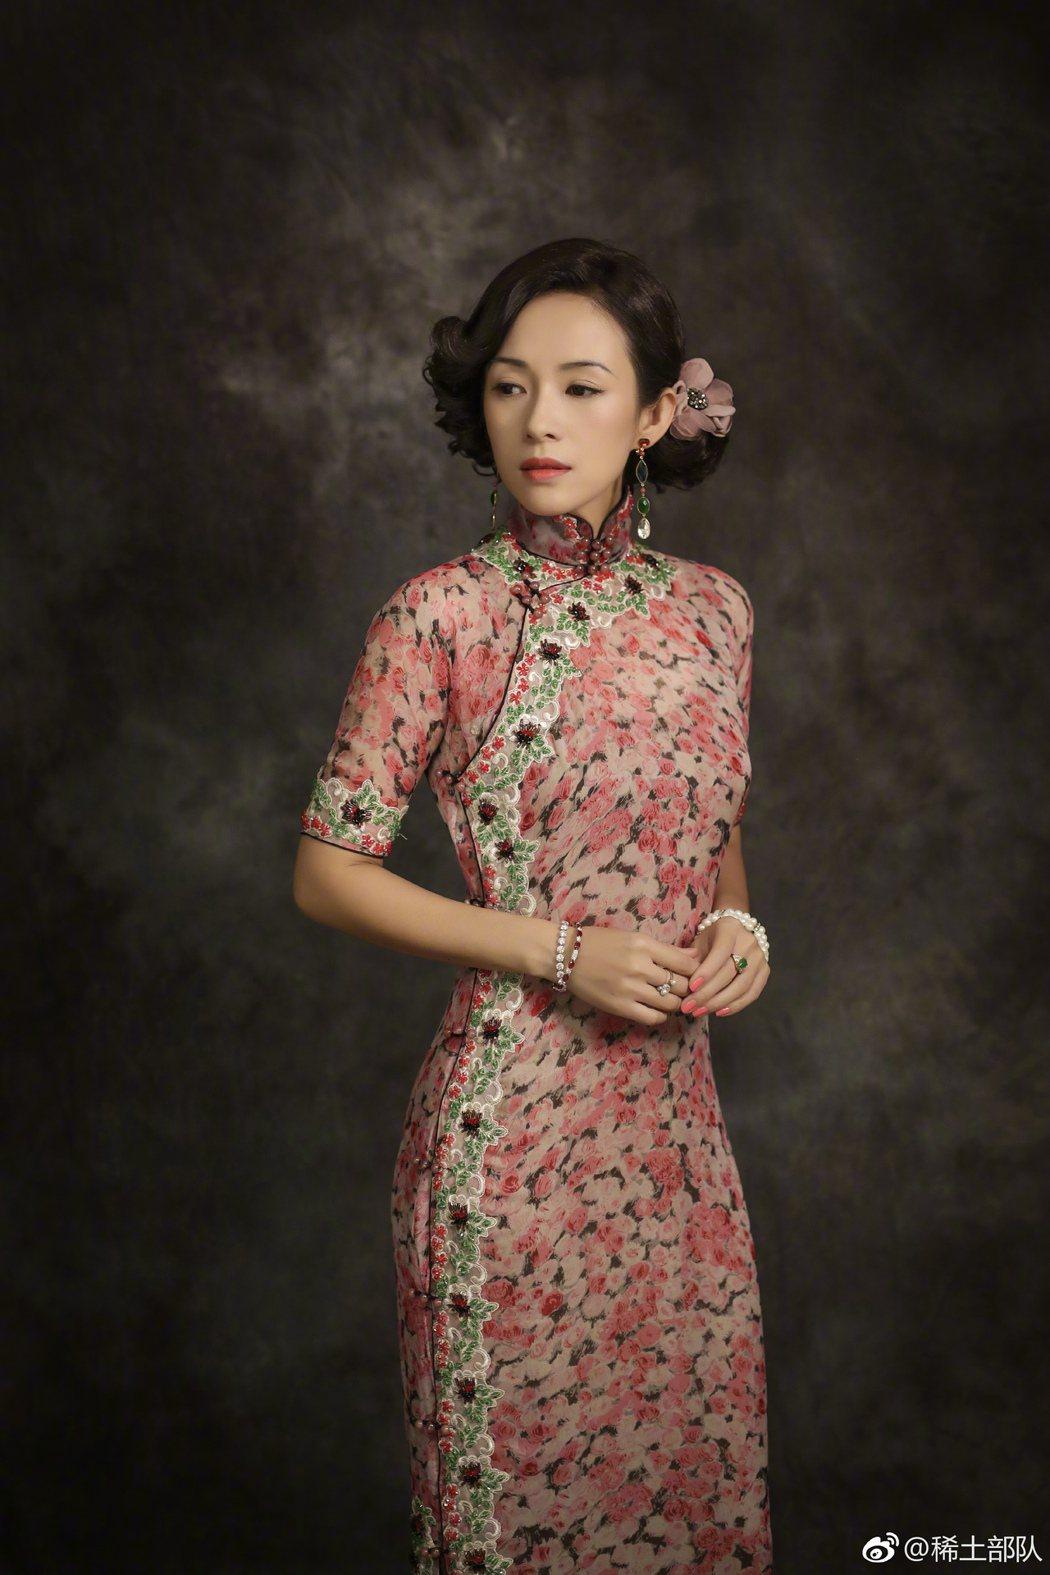 章子怡的「胭脂扣」女主角旗袍造型,獲得影迷盛讚。圖/摘自微博